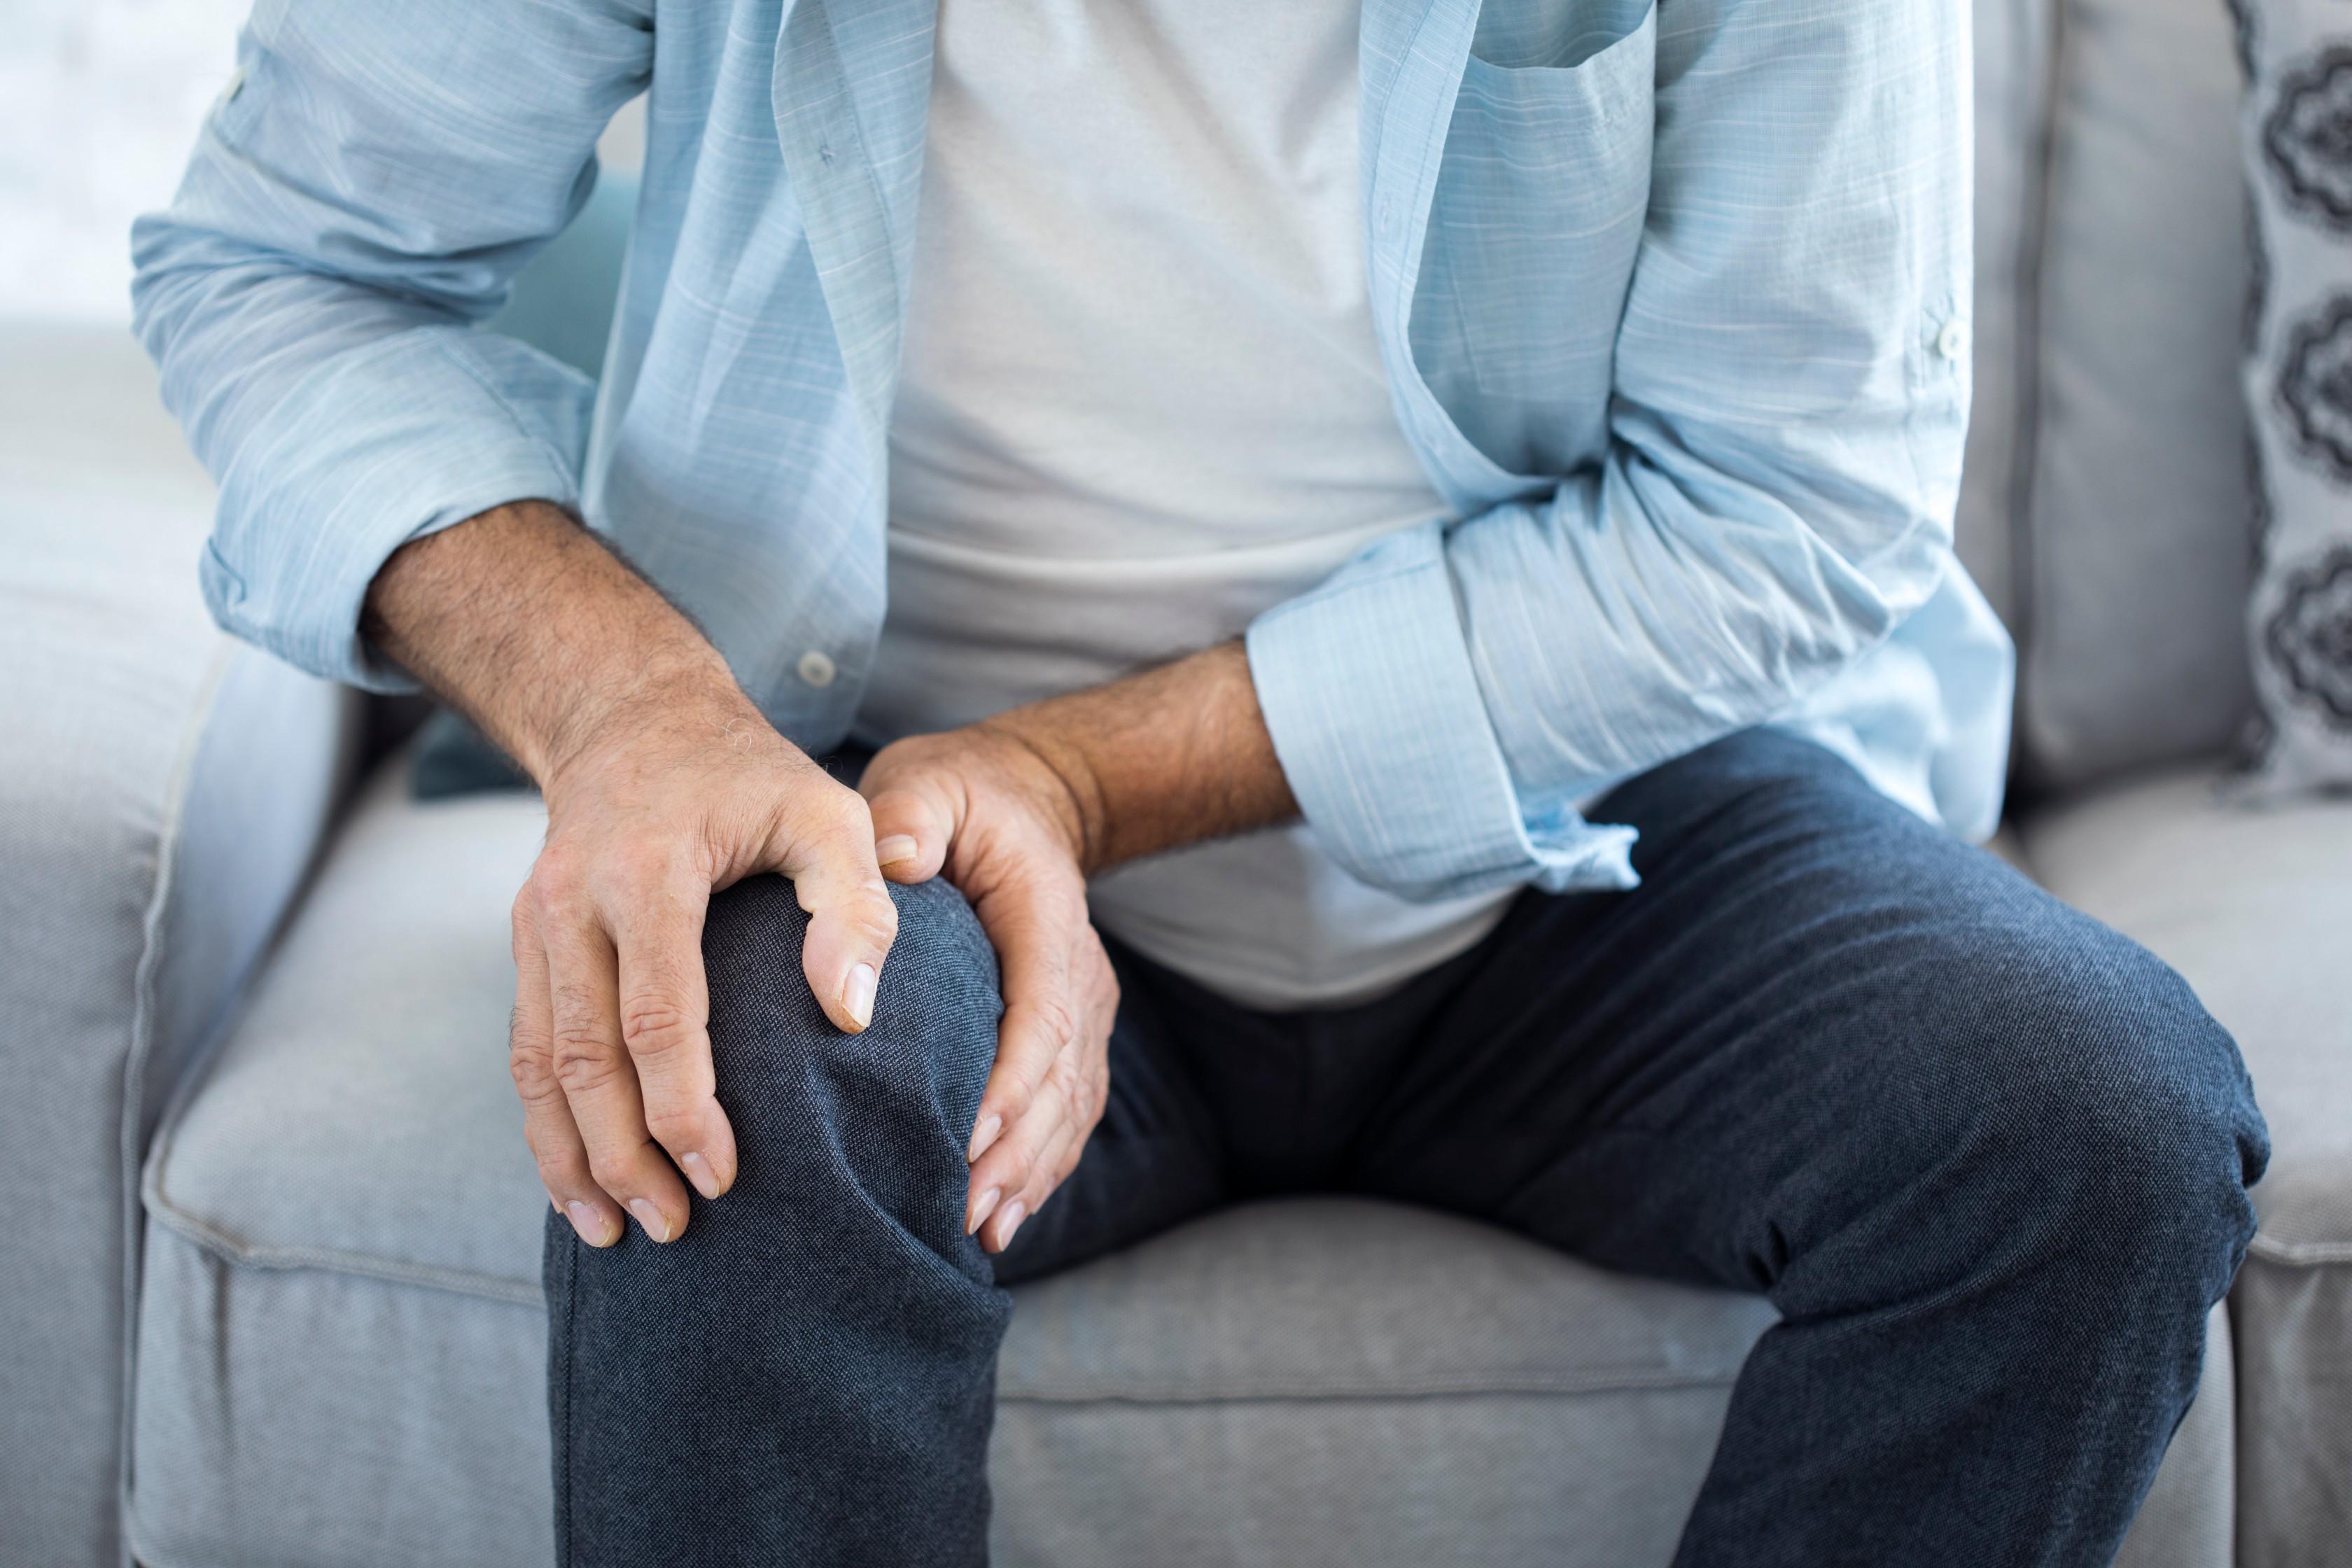 térd zokni ízületi fájdalmak esetén)